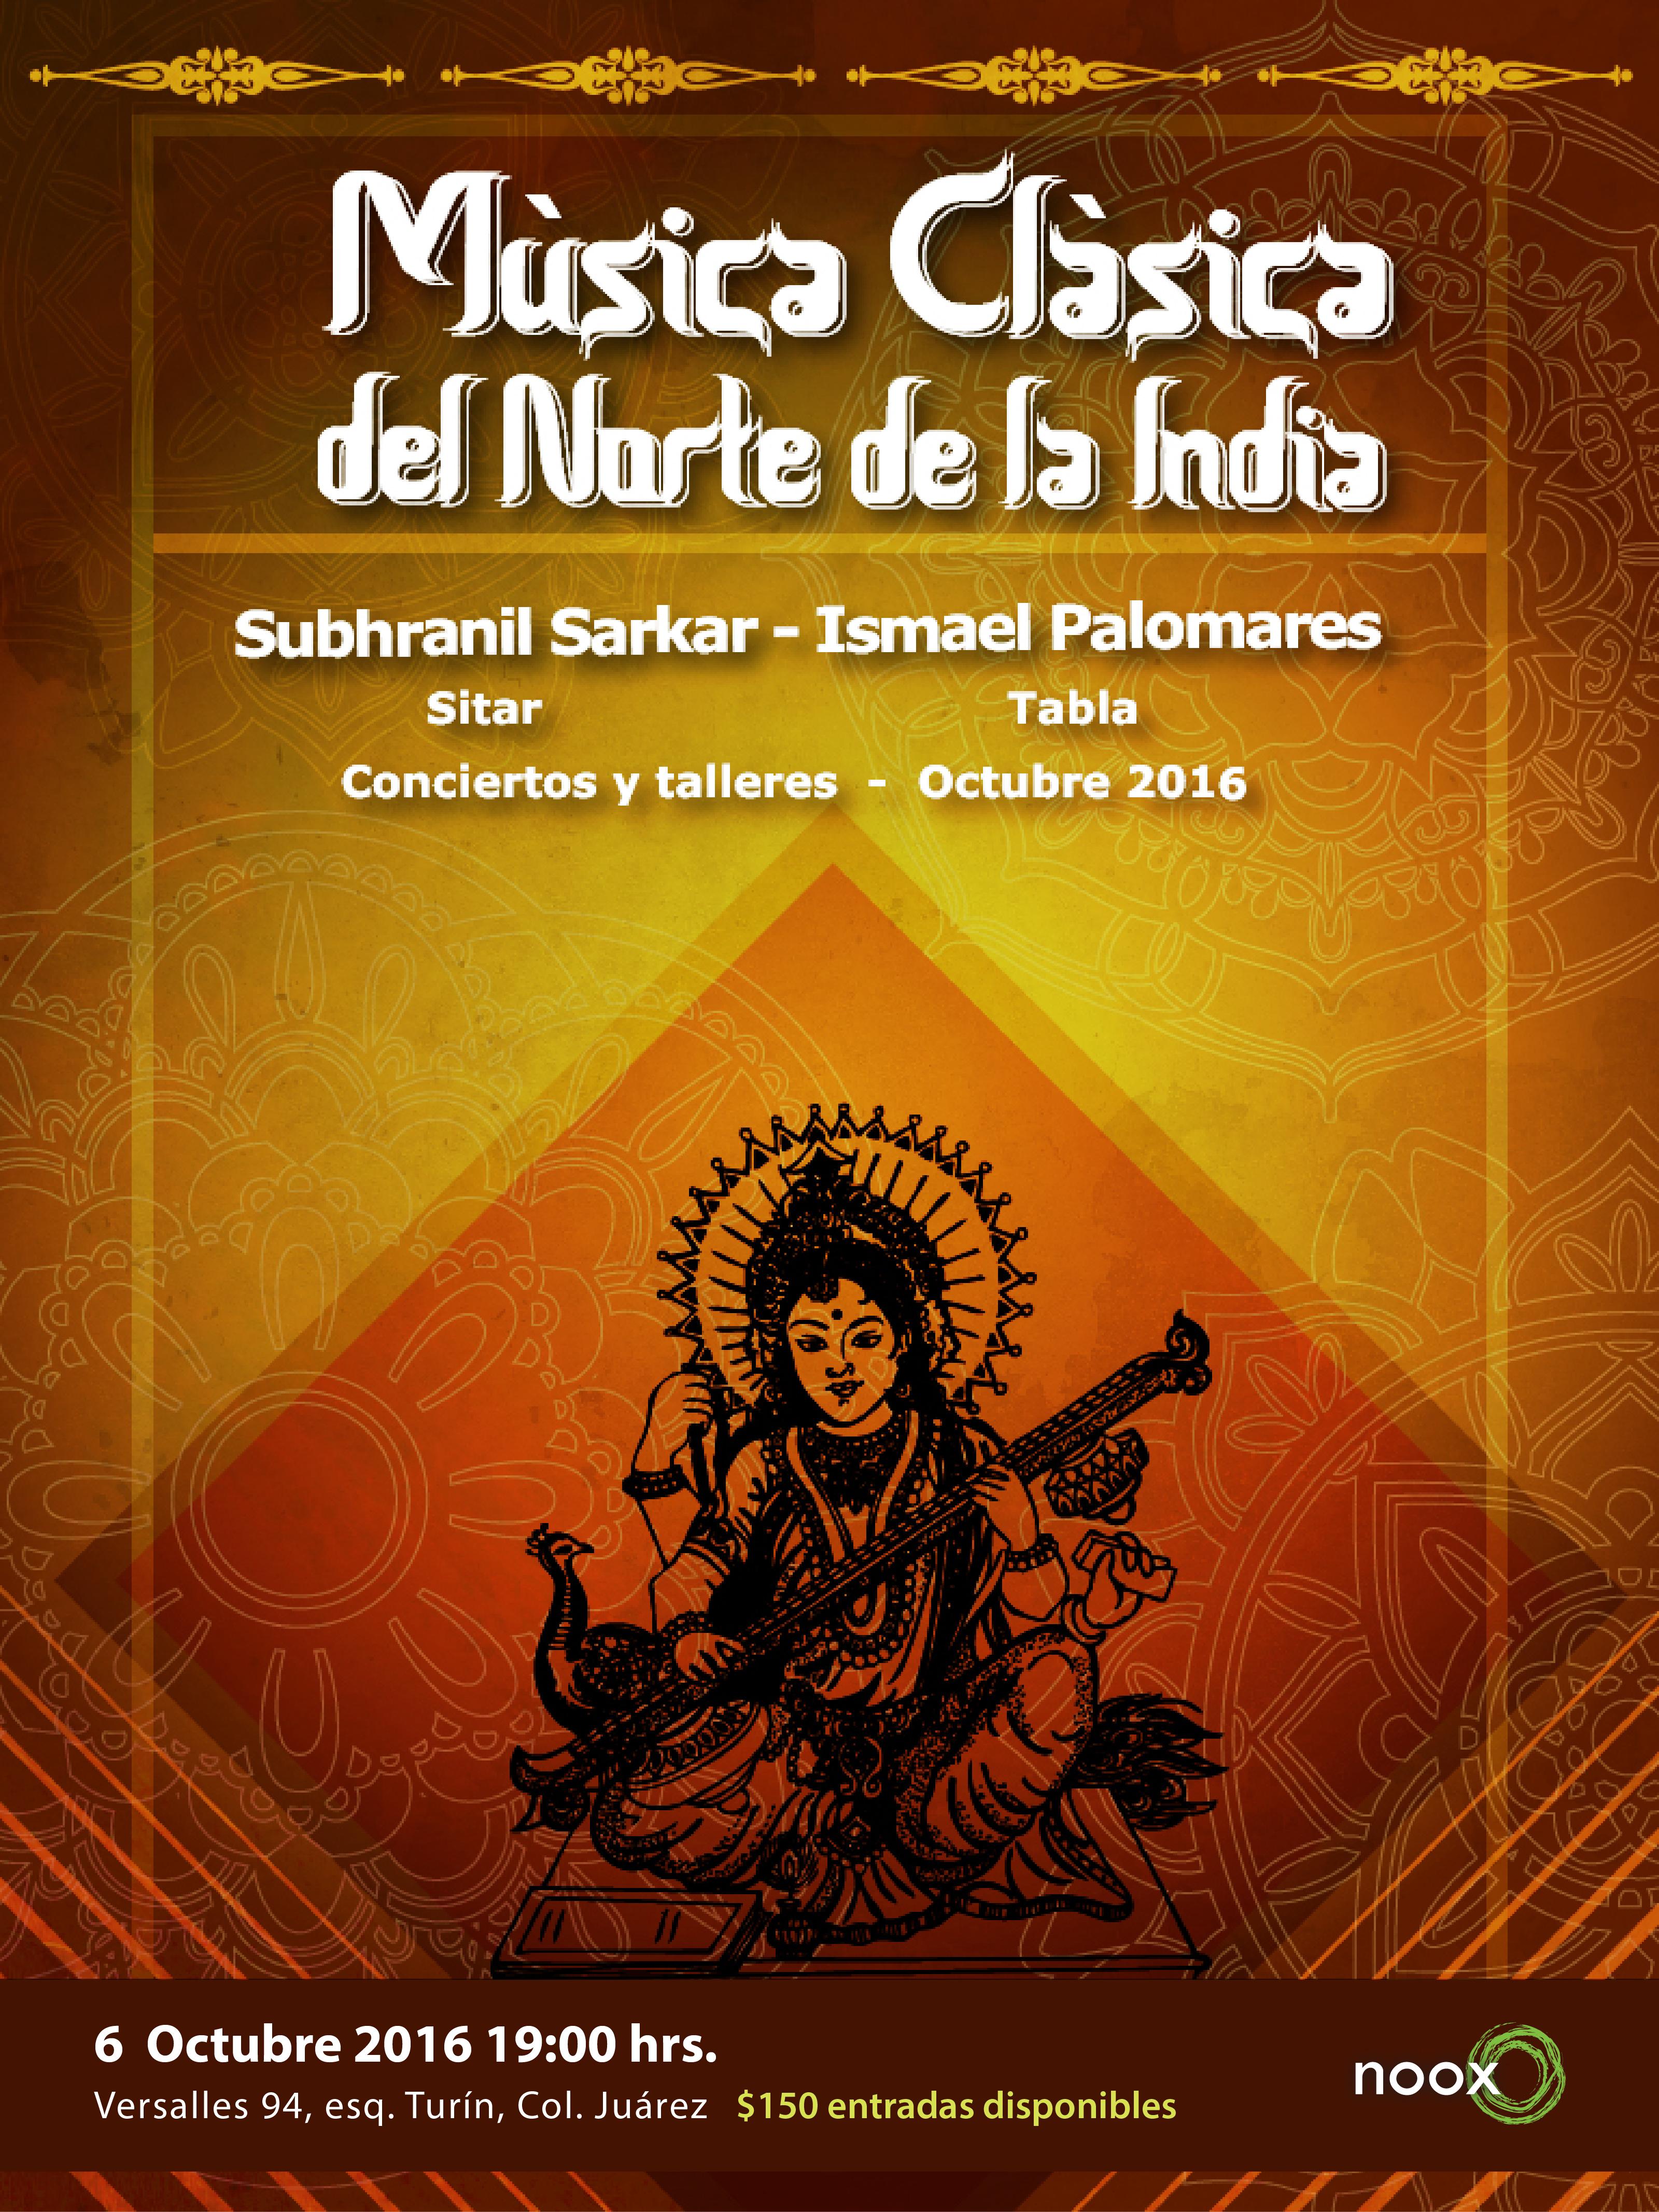 Flyer_Música_Clásica_del_Norte_de_la_India-01